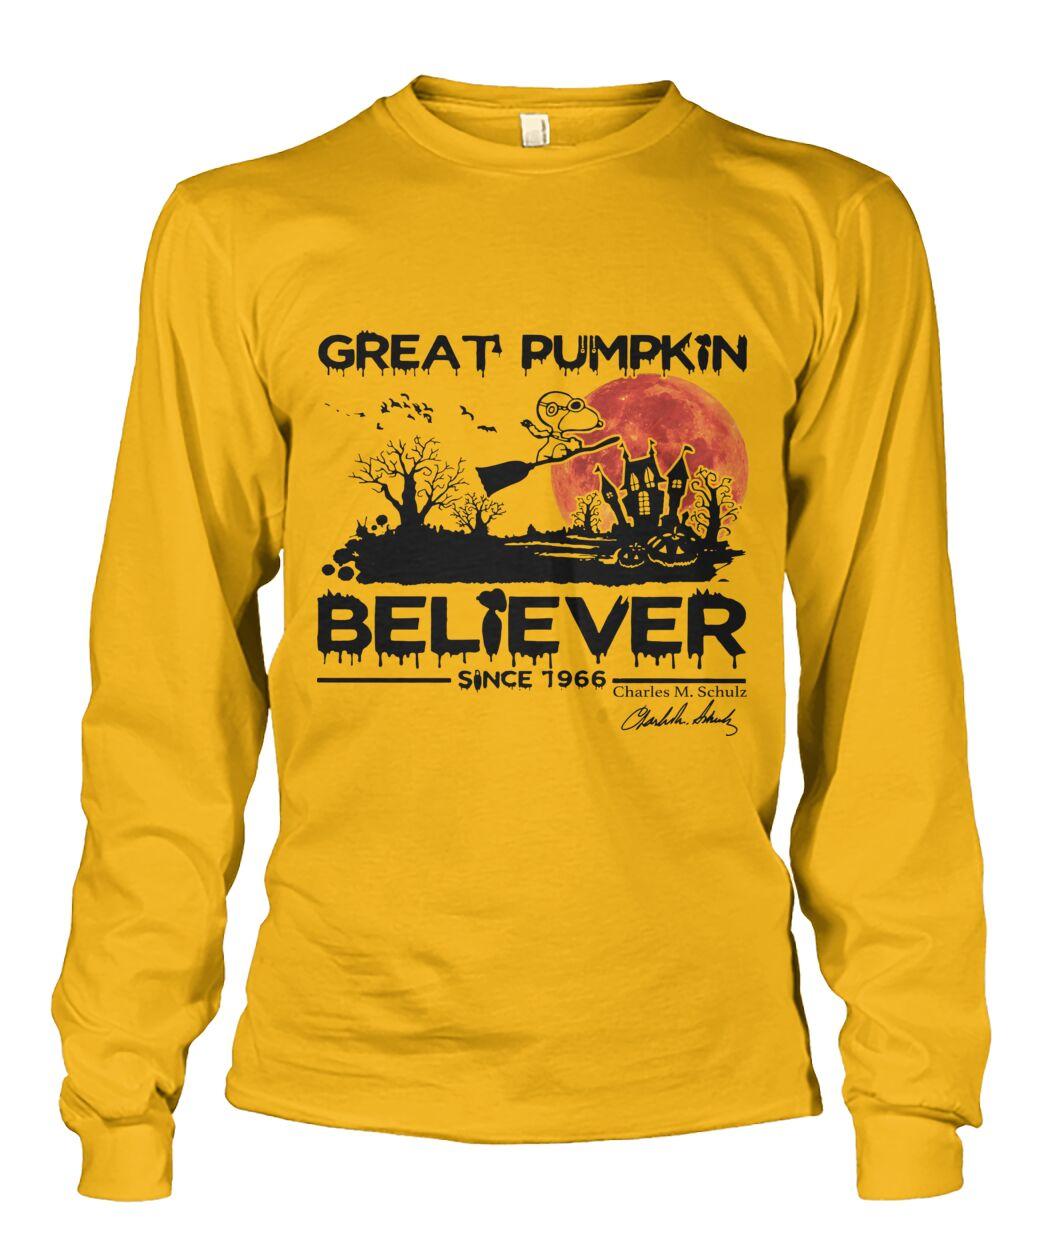 Great Pumpkin Believer 1996s Fans Long Sleeve